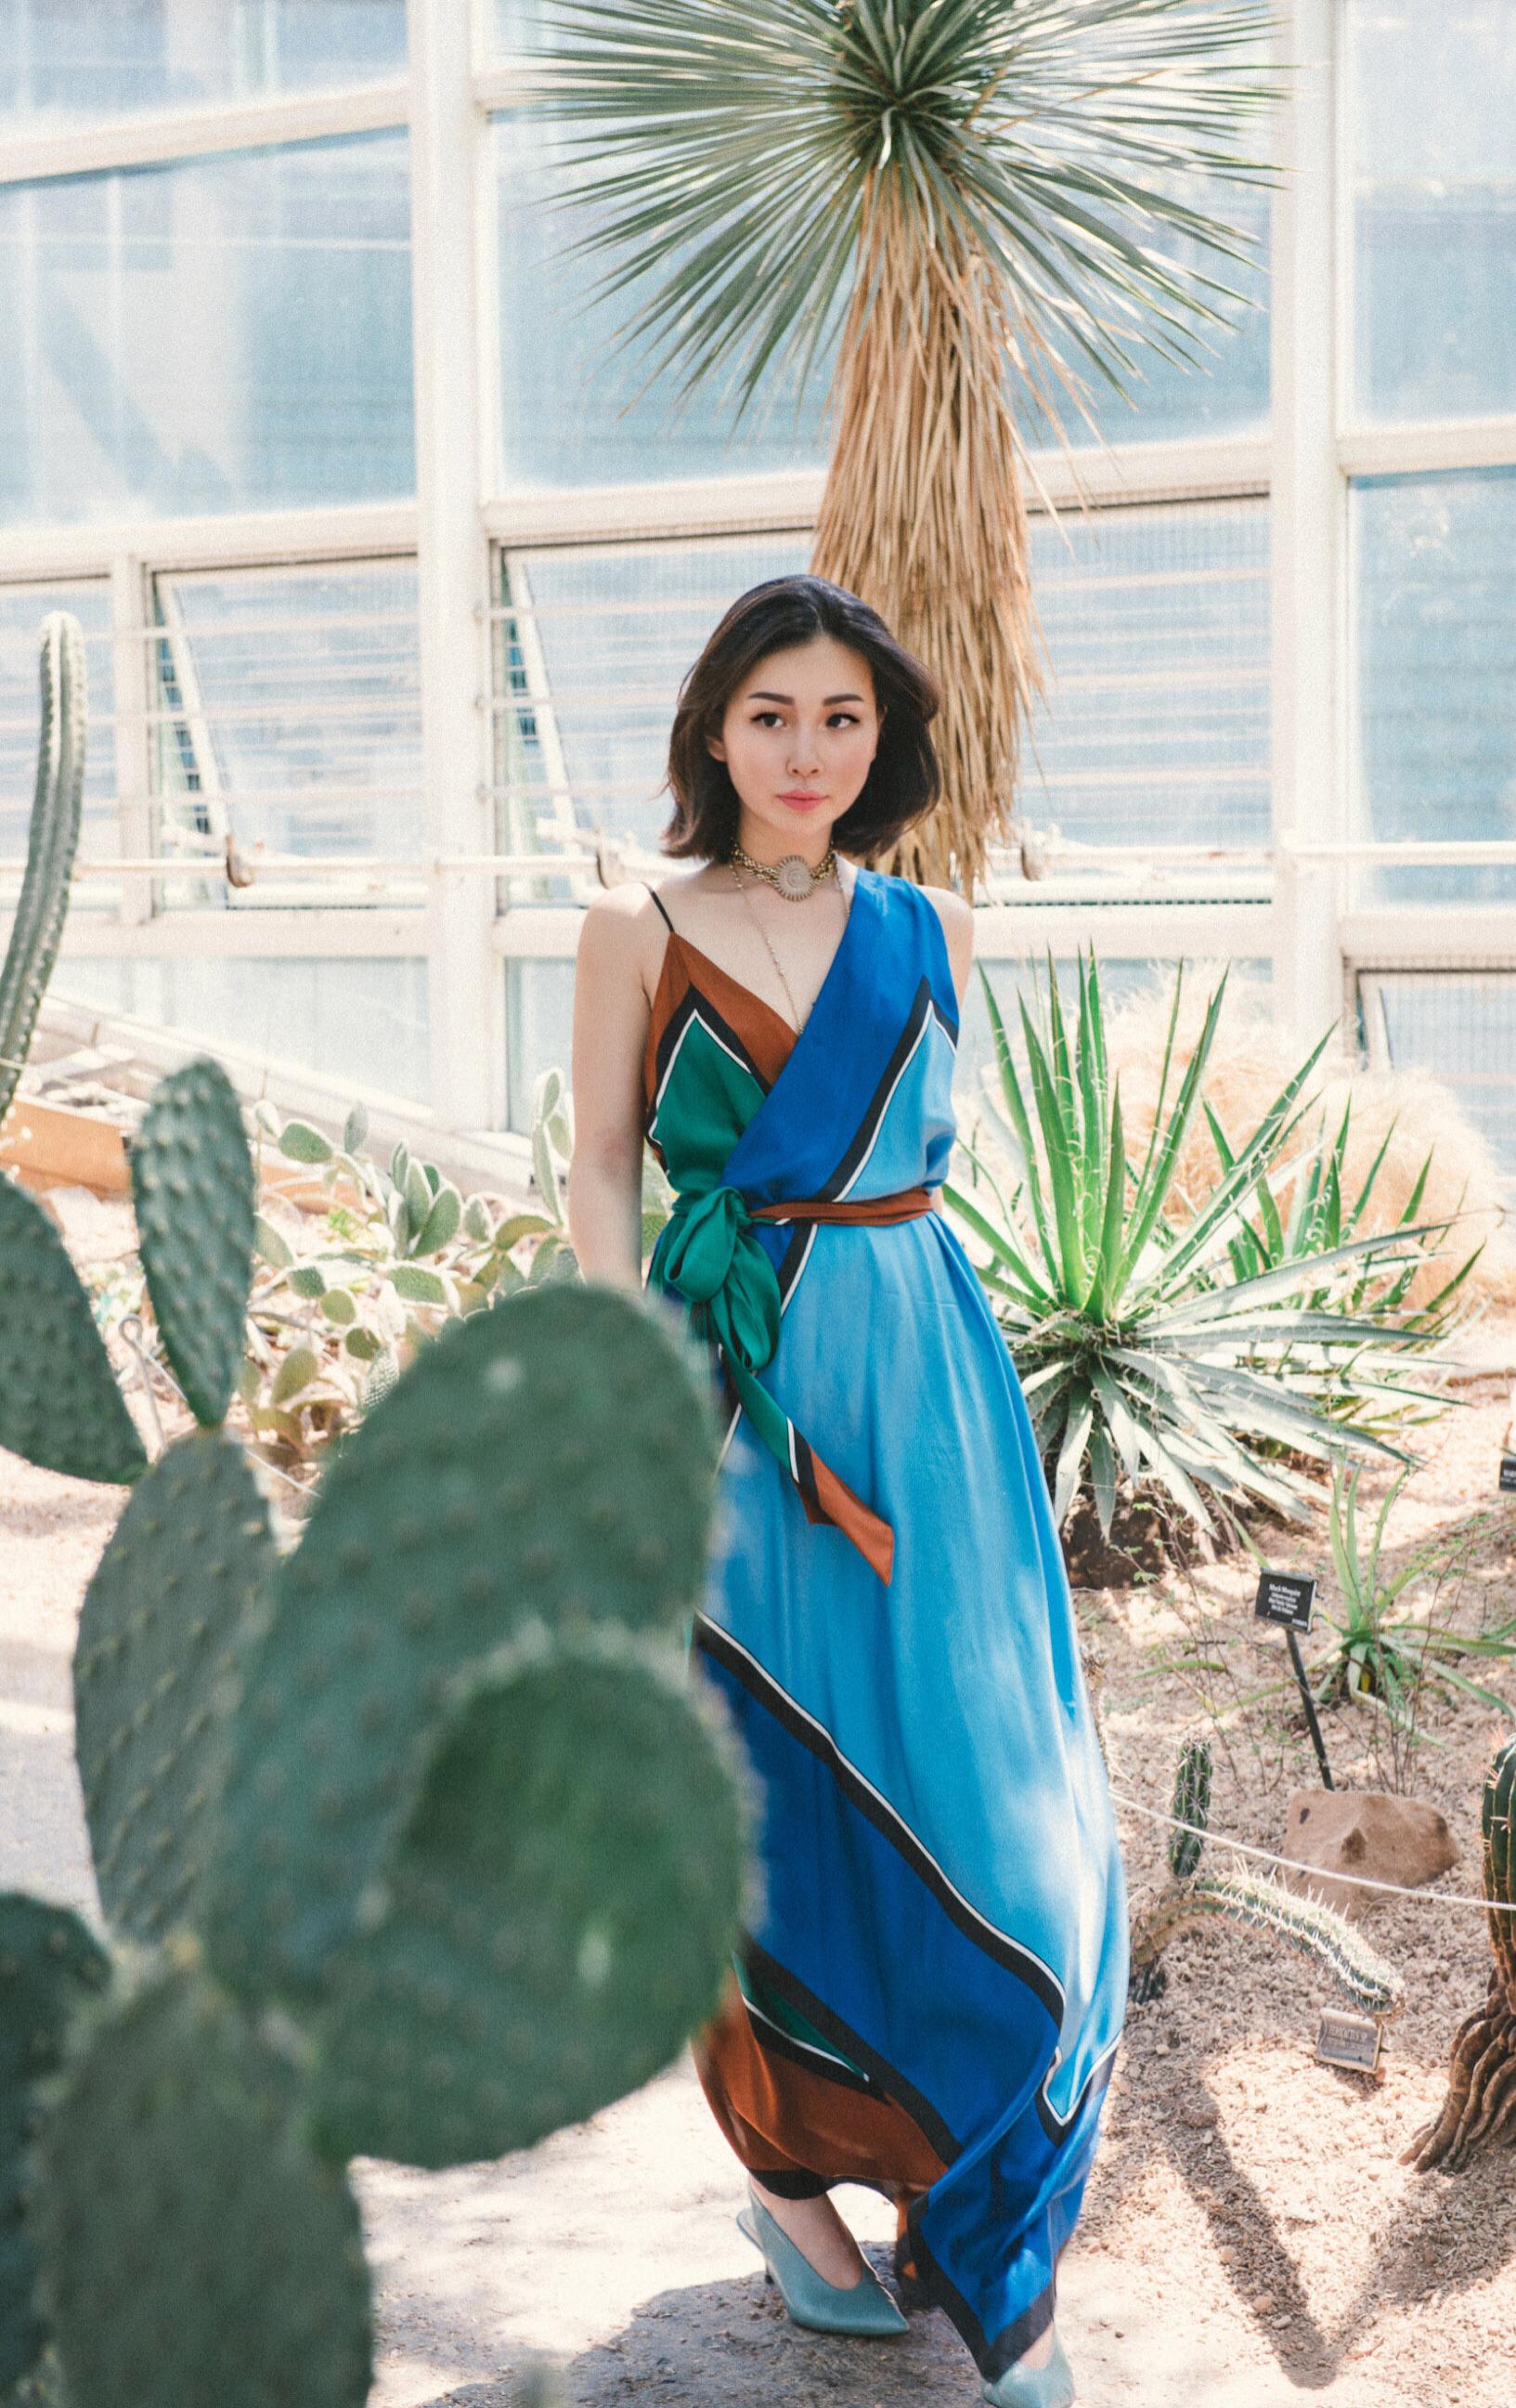 dvf maxi dress summer outfit .JPG